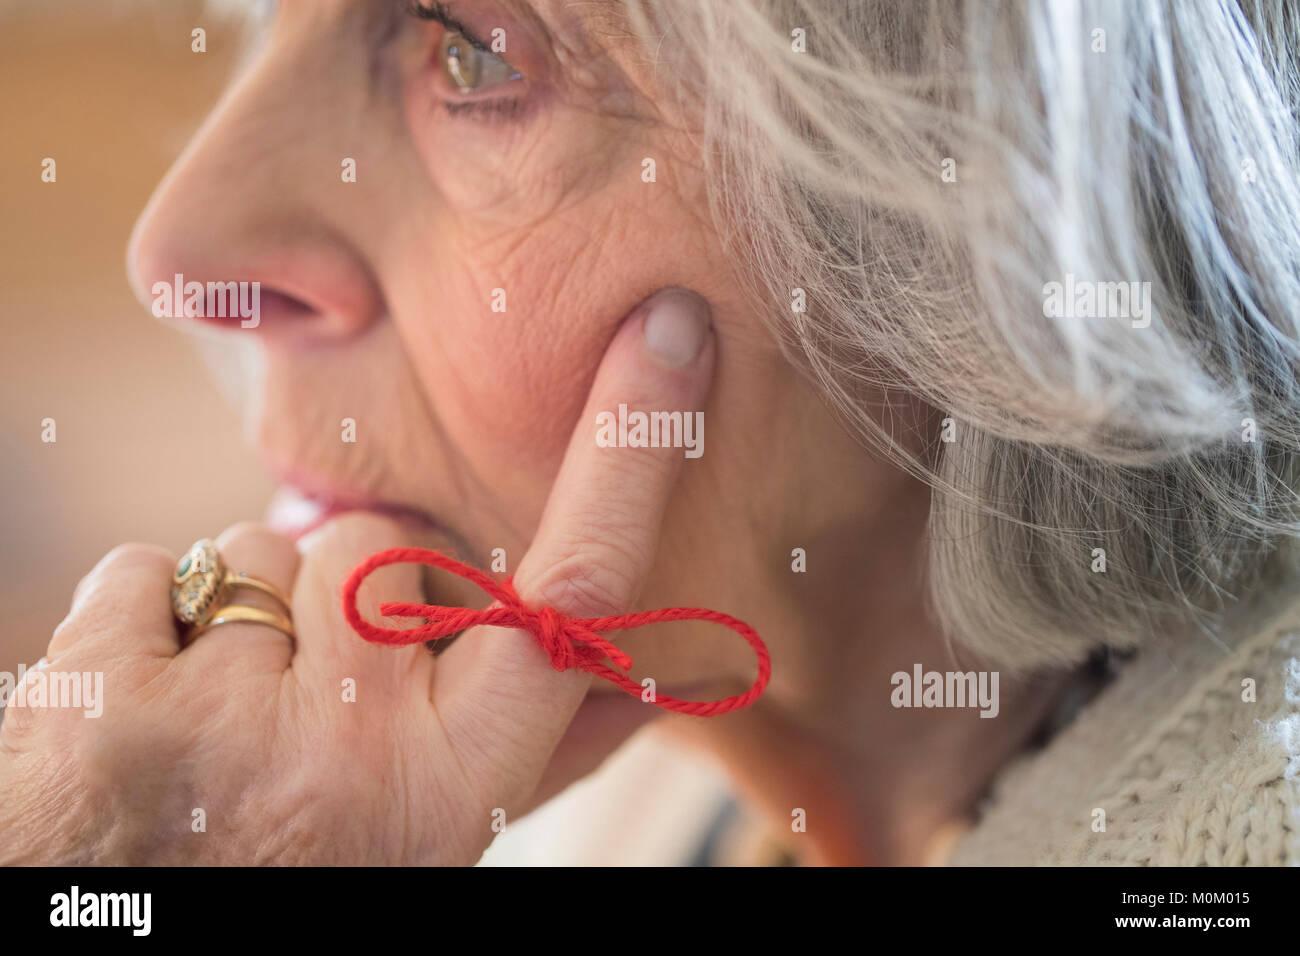 Cerca de la mujer de más edad con una cuerda atada alrededor del dedo como recordatorio Imagen De Stock